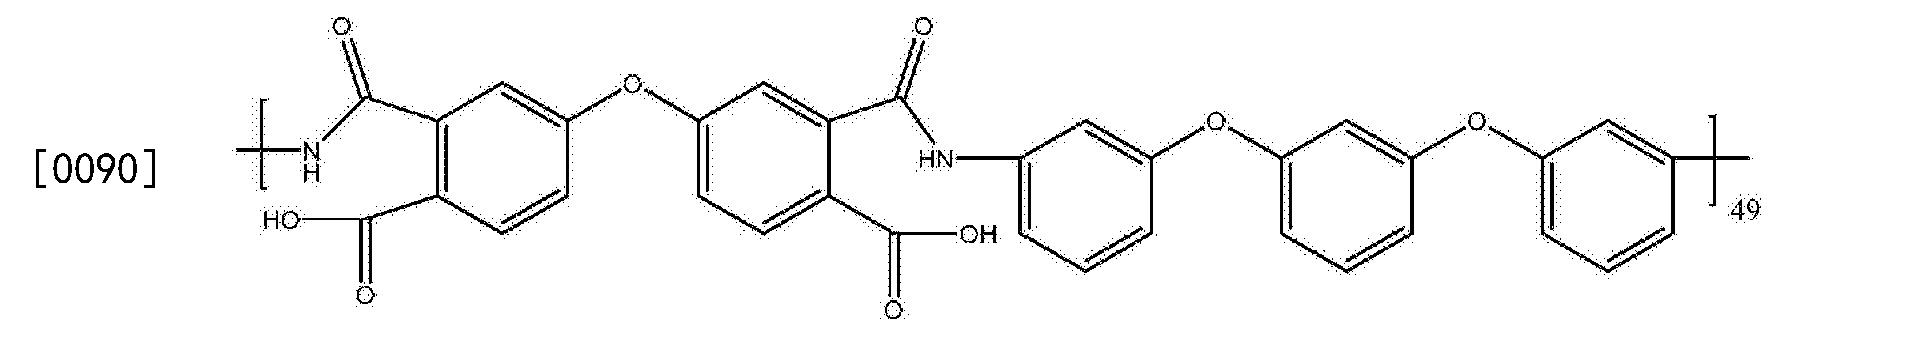 Figure CN104829837BD00152